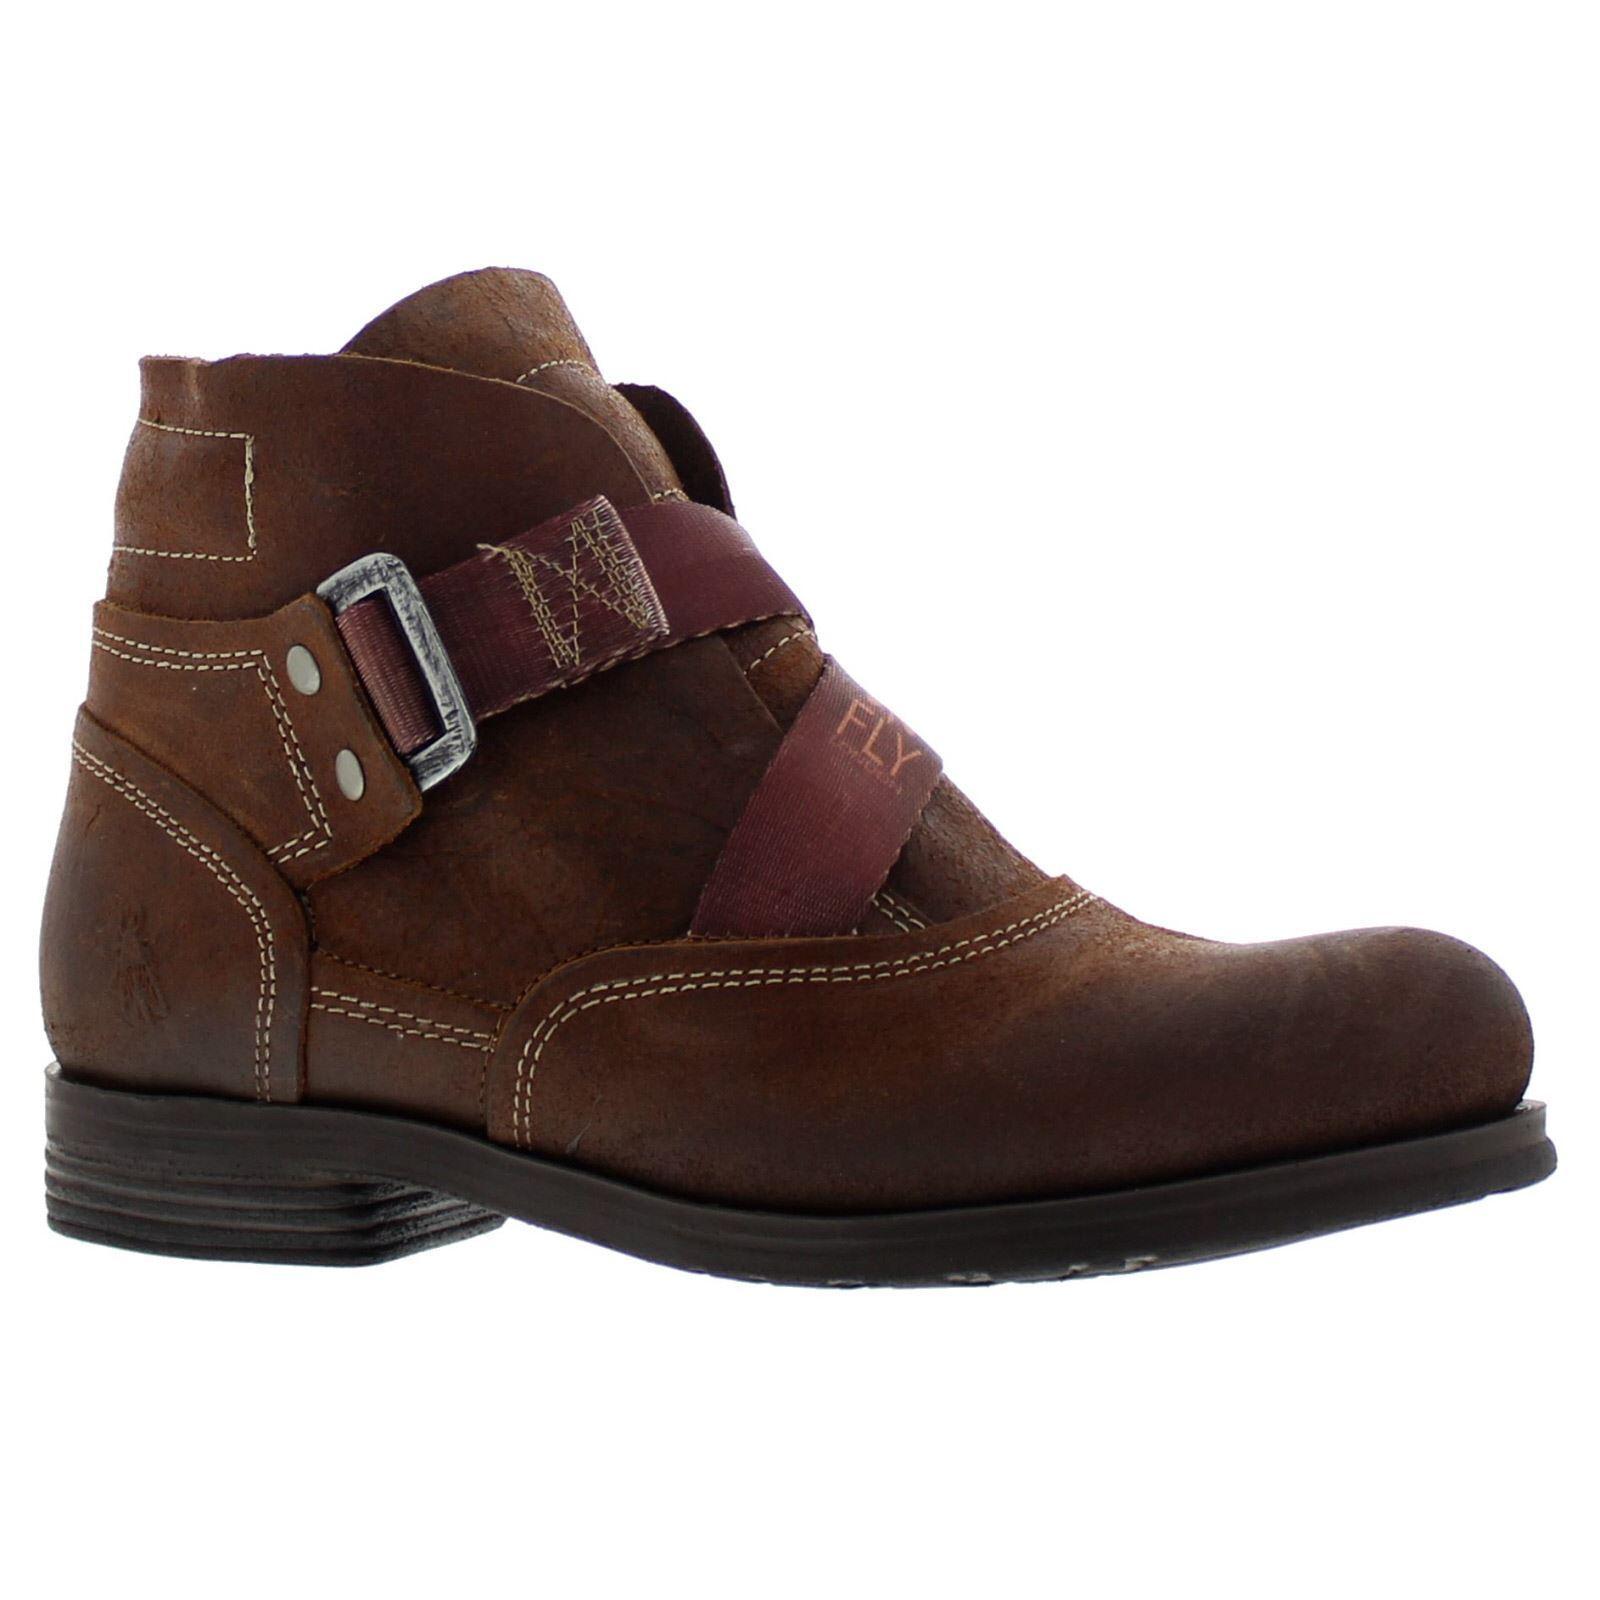 Fly London cuero cuero cuero marrón Saji 047 para mujer botas al tobillo  orden ahora con gran descuento y entrega gratuita